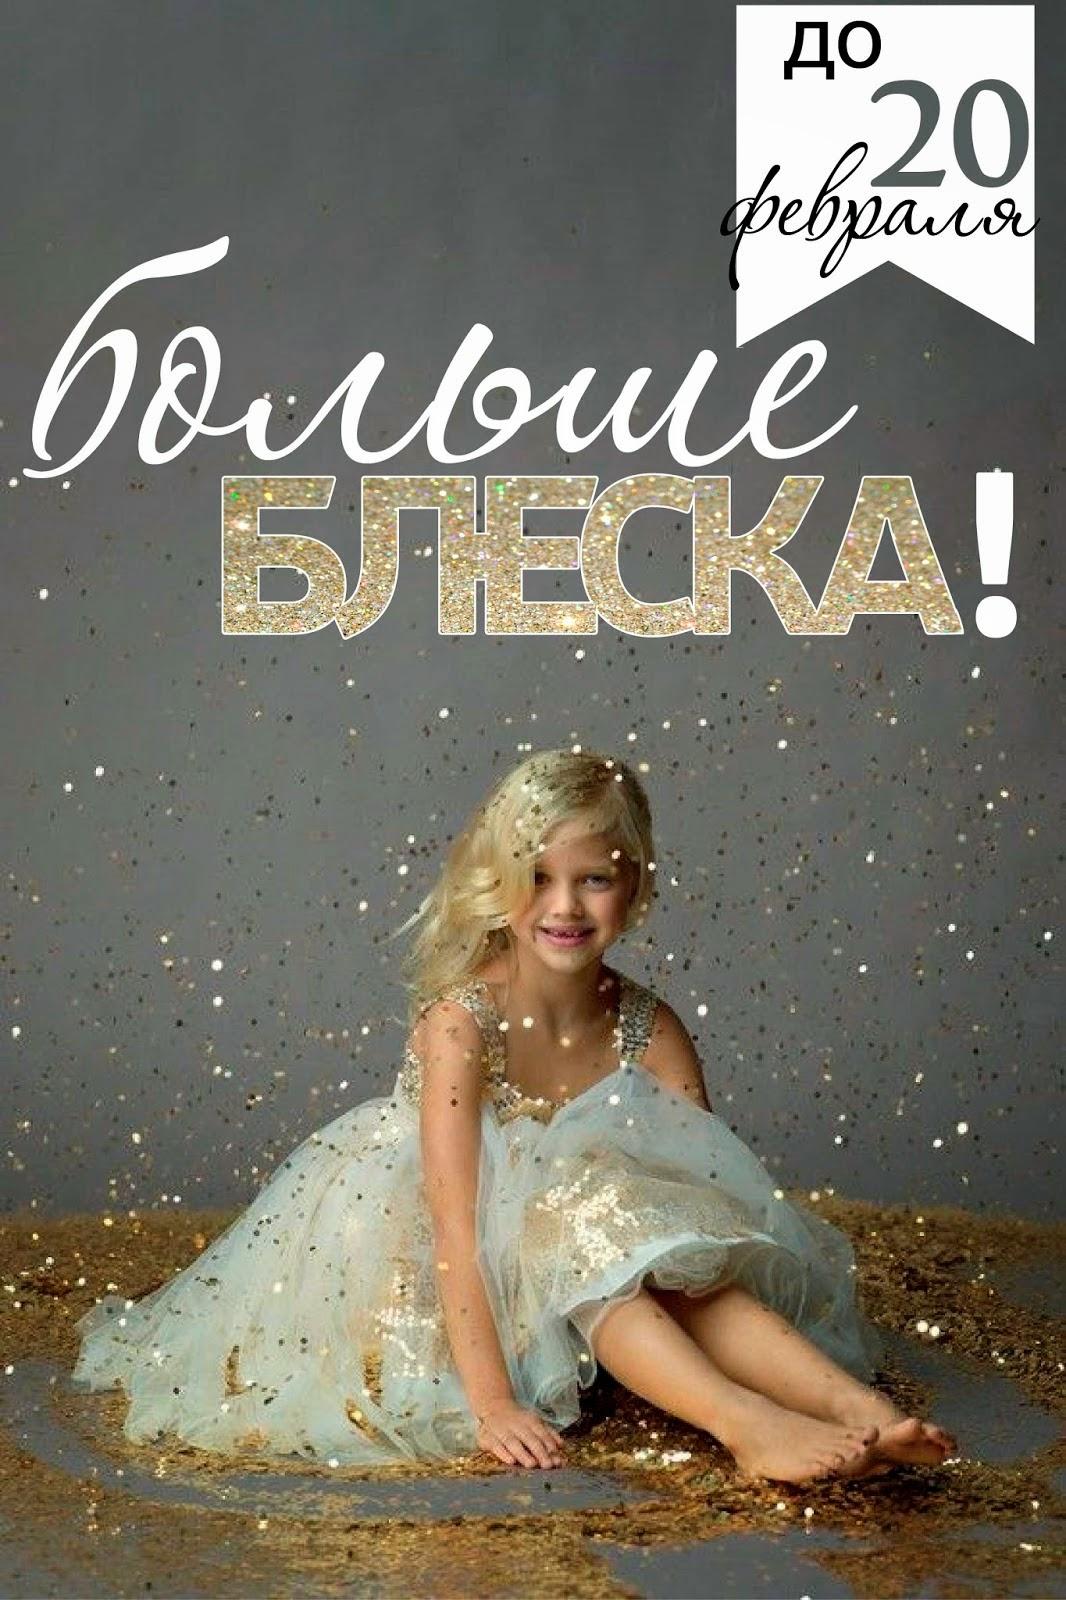 http://scrapulechki.blogspot.ru/2015/01/20.html